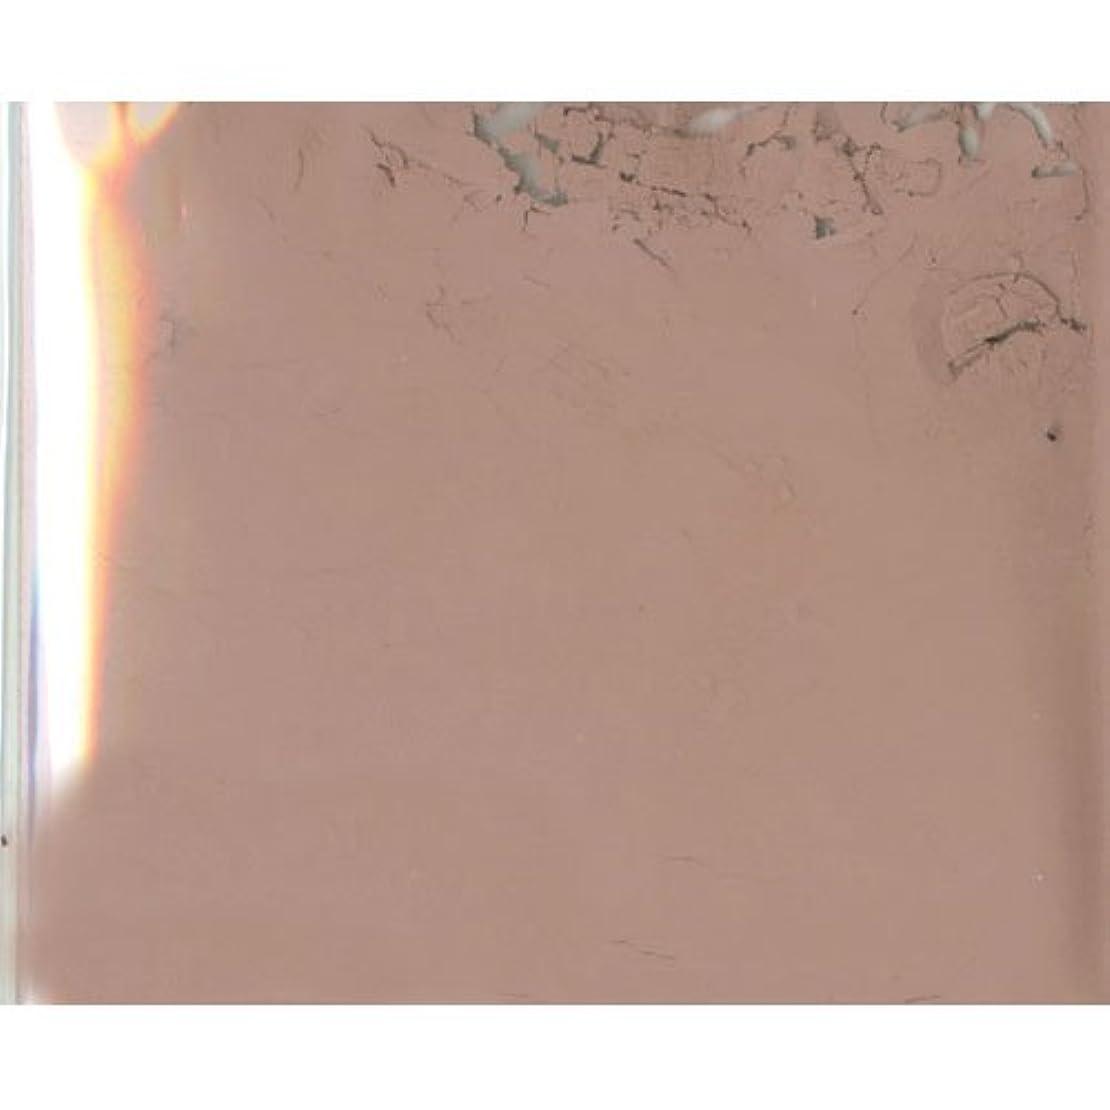 対話急行する失礼なピカエース ネイル用パウダー ピカエース カラーパウダー 透明顔料 #985 チョコレートブラウン 2g アート材